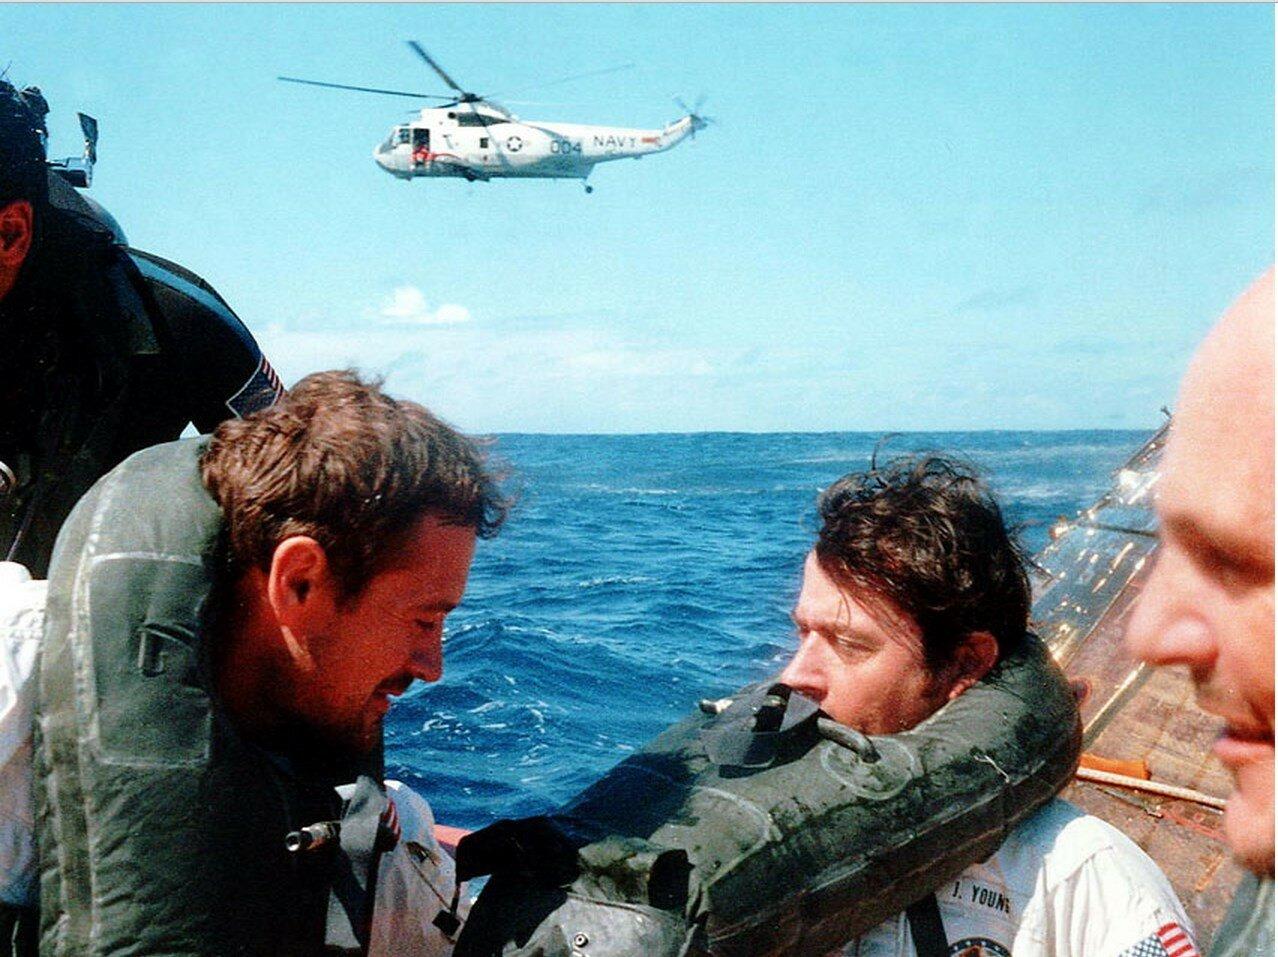 Дьюк, Янг и Маттингли (слева направо) в спасательной шлюпке